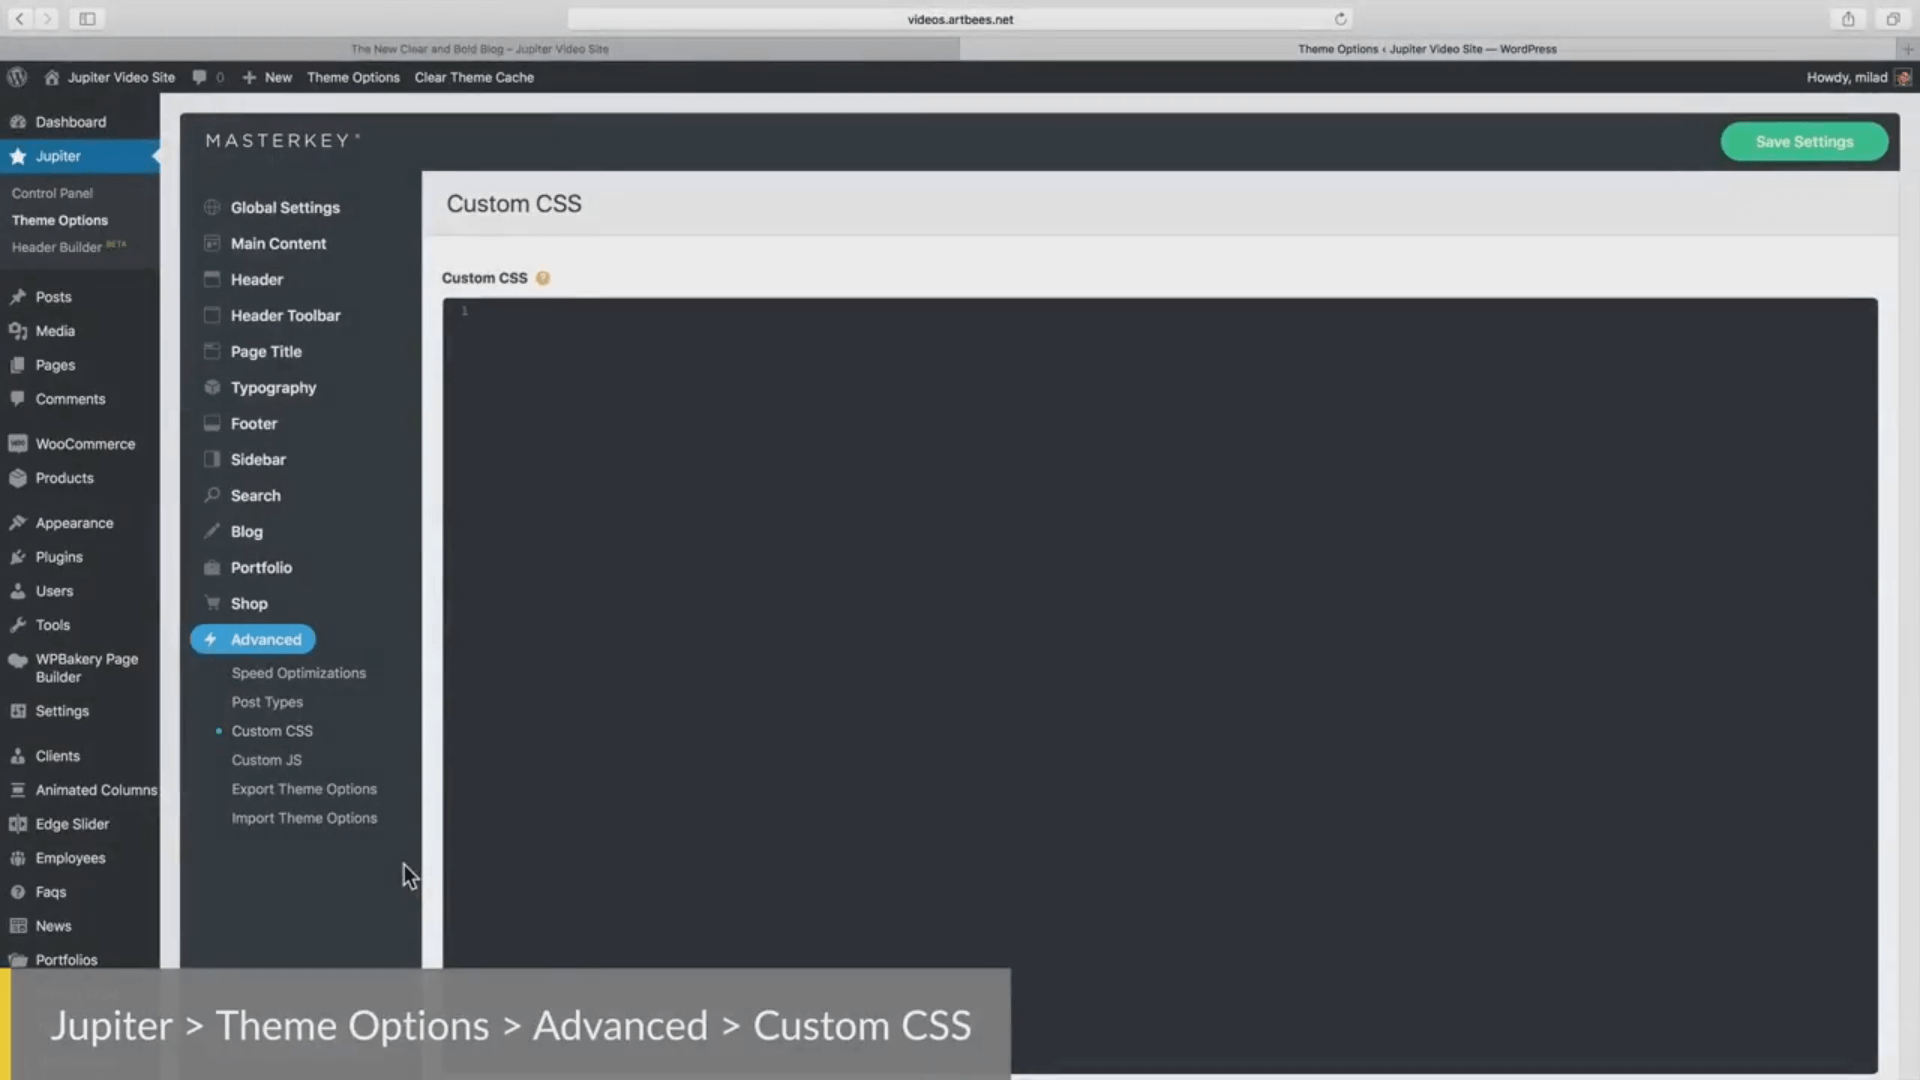 Inserting Custom CSS Codes